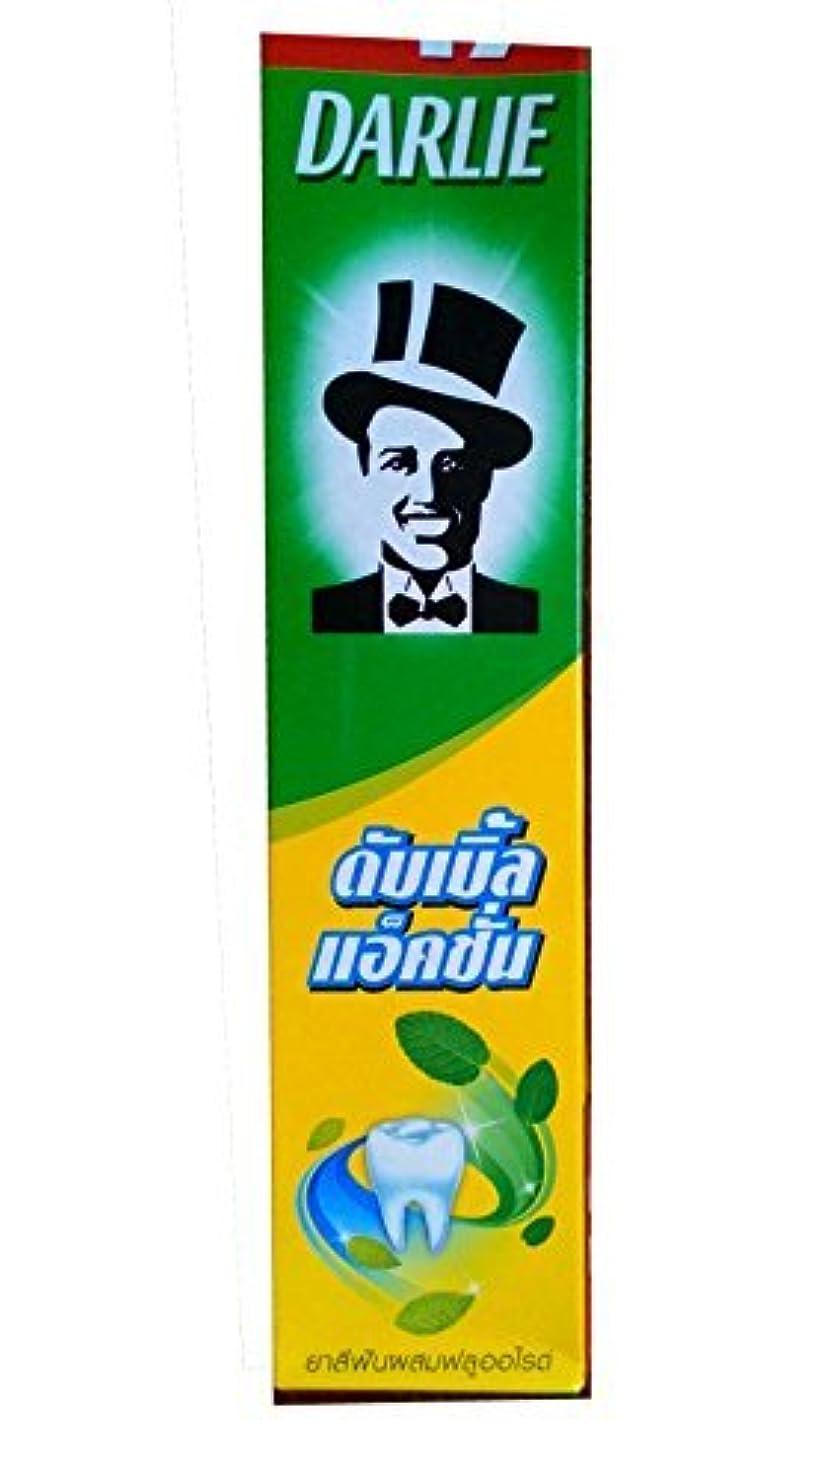 フレキシブル債権者誓いDarlie 2 Mint Powers Plus Fluoride Protection Double Action Toothpaste 170 g. Made in Thailand by Darlie (1 Piece...